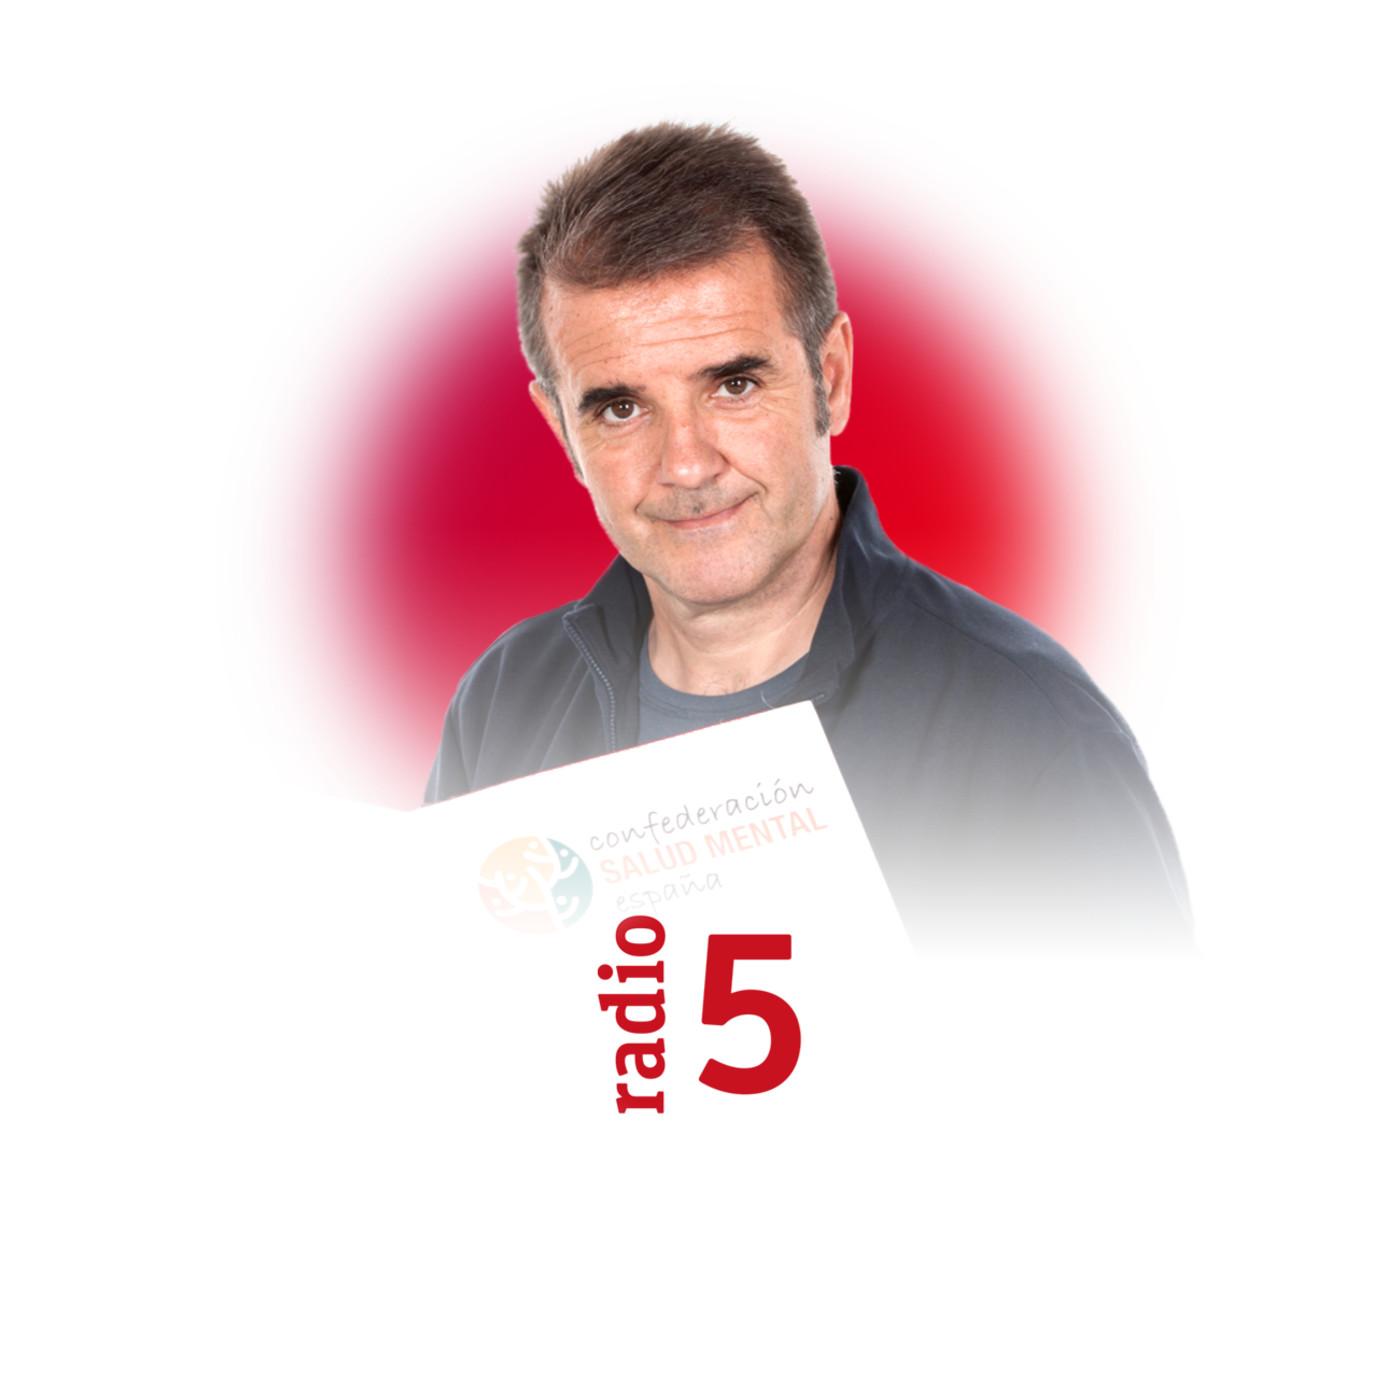 Mi gramo de locura Radio 5